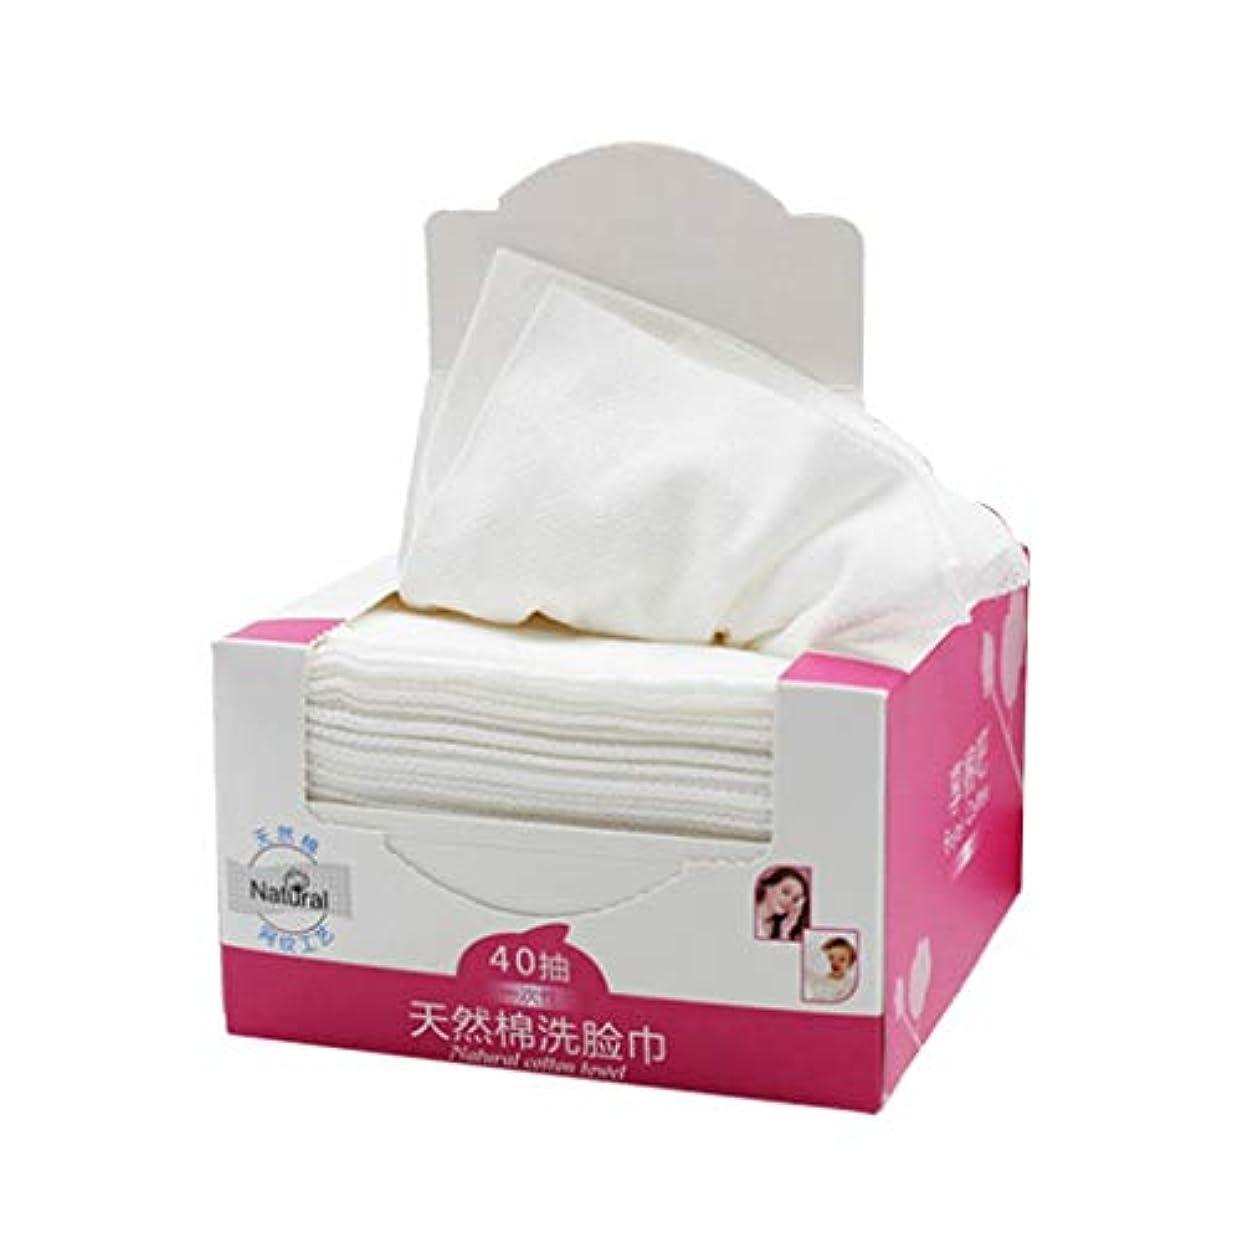 情熱的ノミネート領域ナチュラルコットンウォッシュタオル、レストランコーヒーハウスバー拭き取り洗顔タオル - 子供の女の子の毎日のパーソナルケア製品 (Color : Netted, Size : 20*24cm)